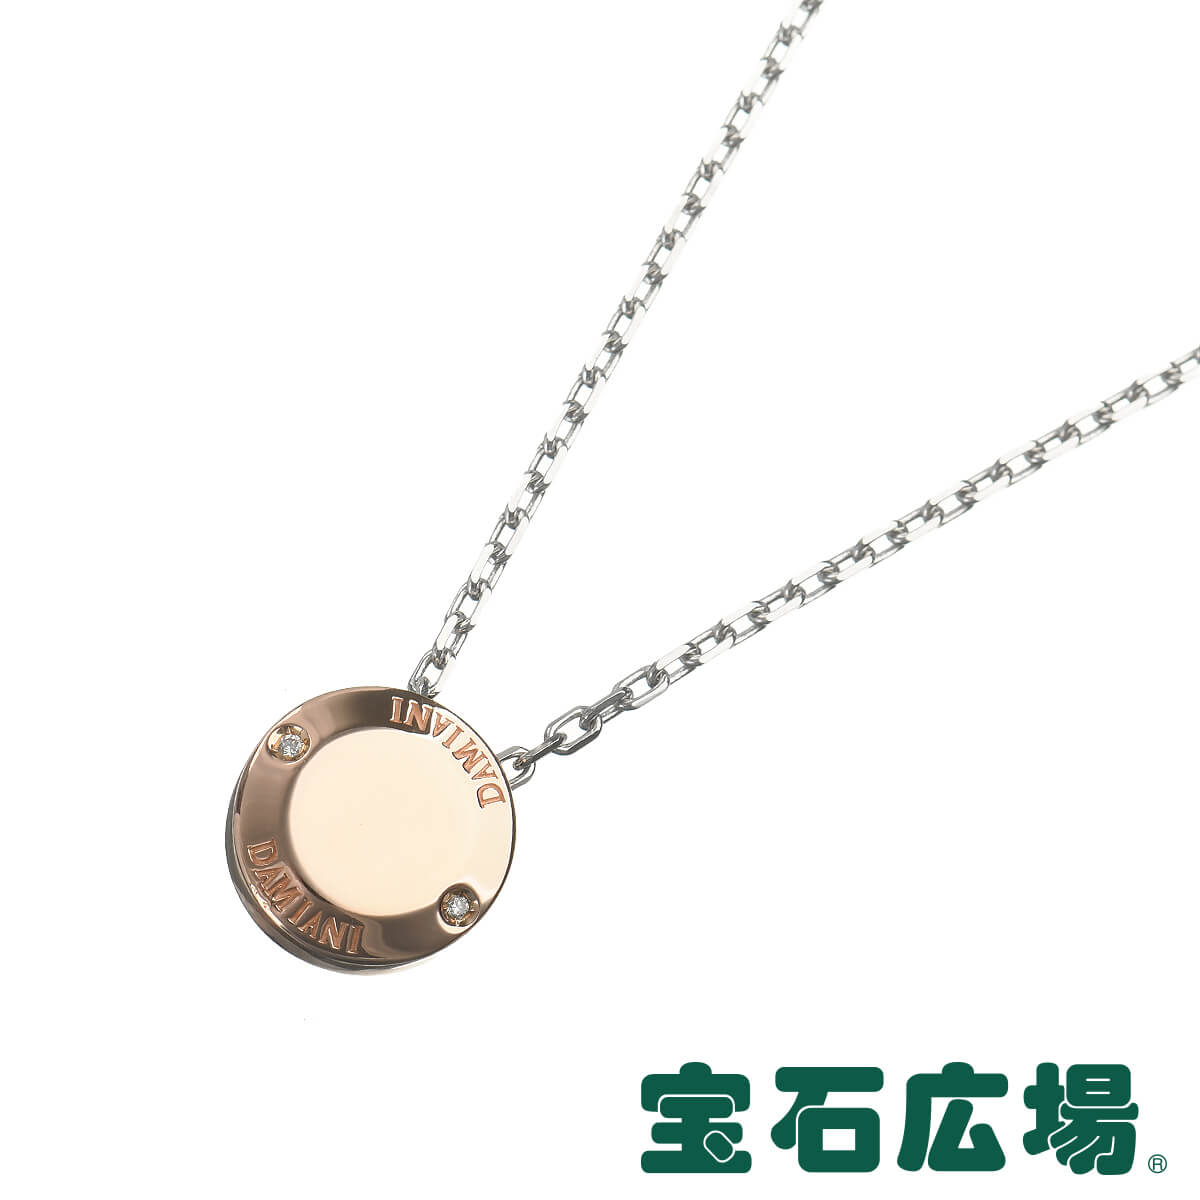 ダミアーニ DAMIANI ブラゾーニ ダイヤ ペンダントネックレス 20019373【中古】 ジュエリー 送料無料